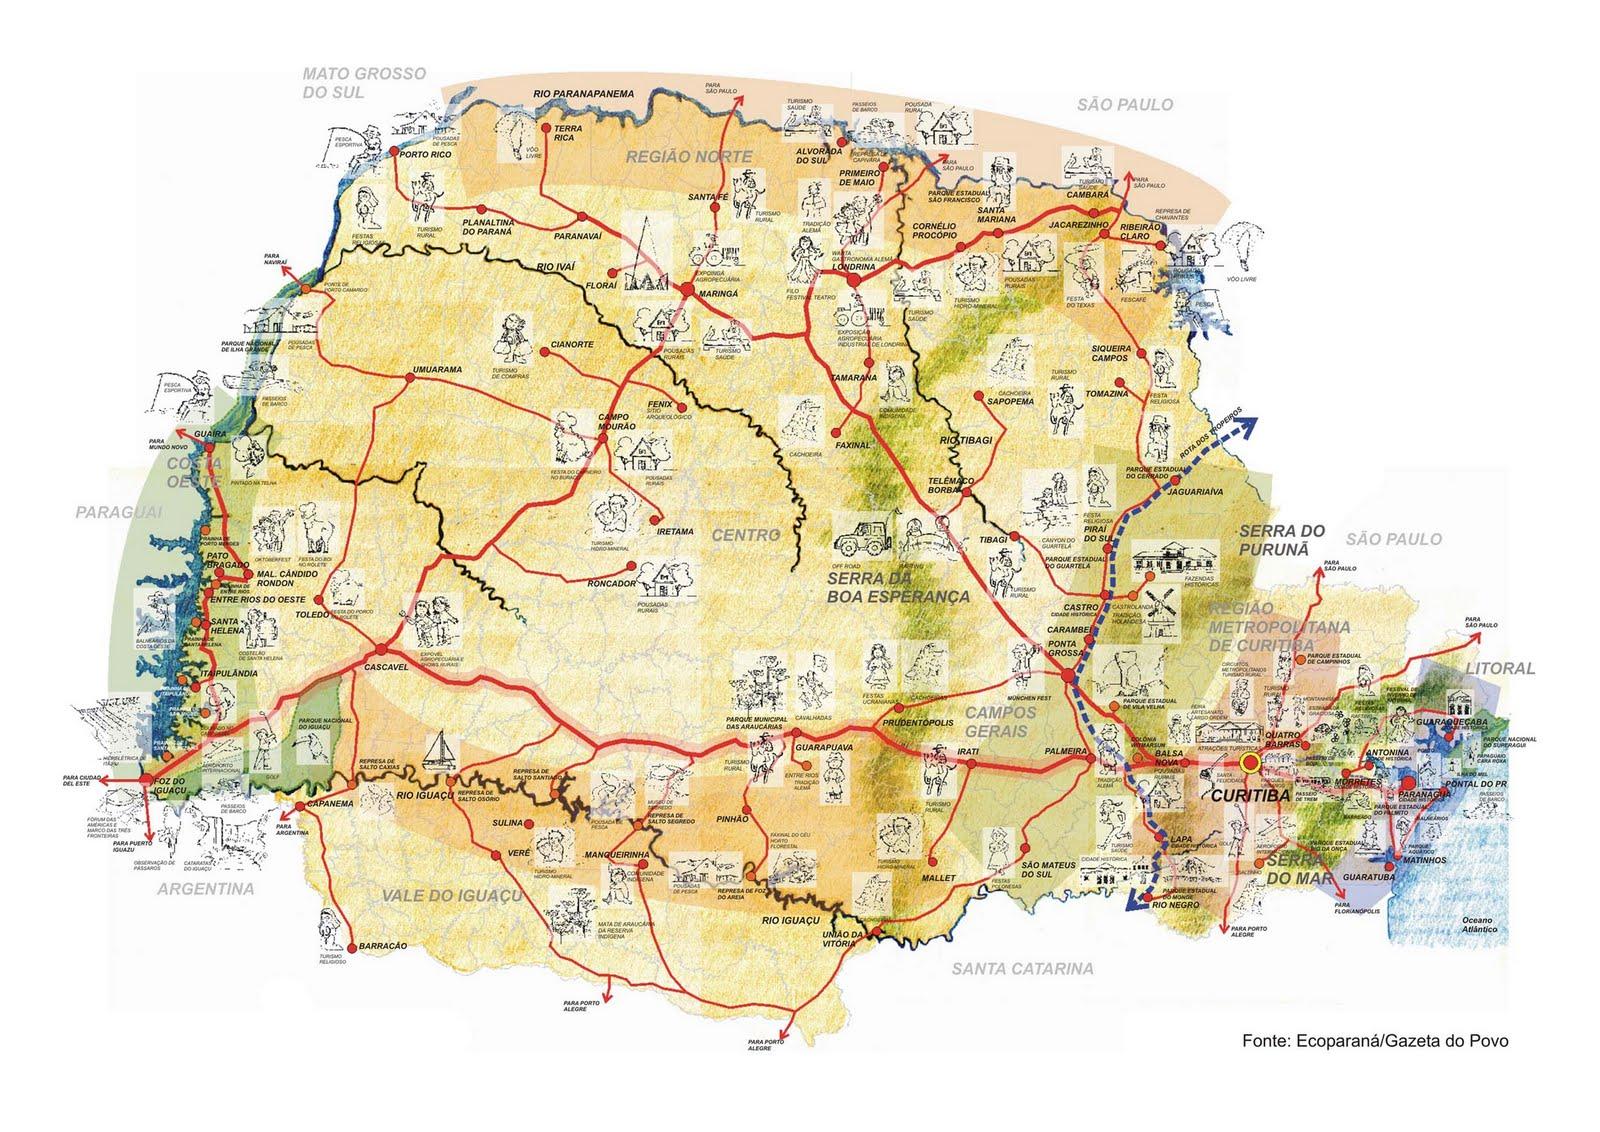 Mapa Turístico do Paraná